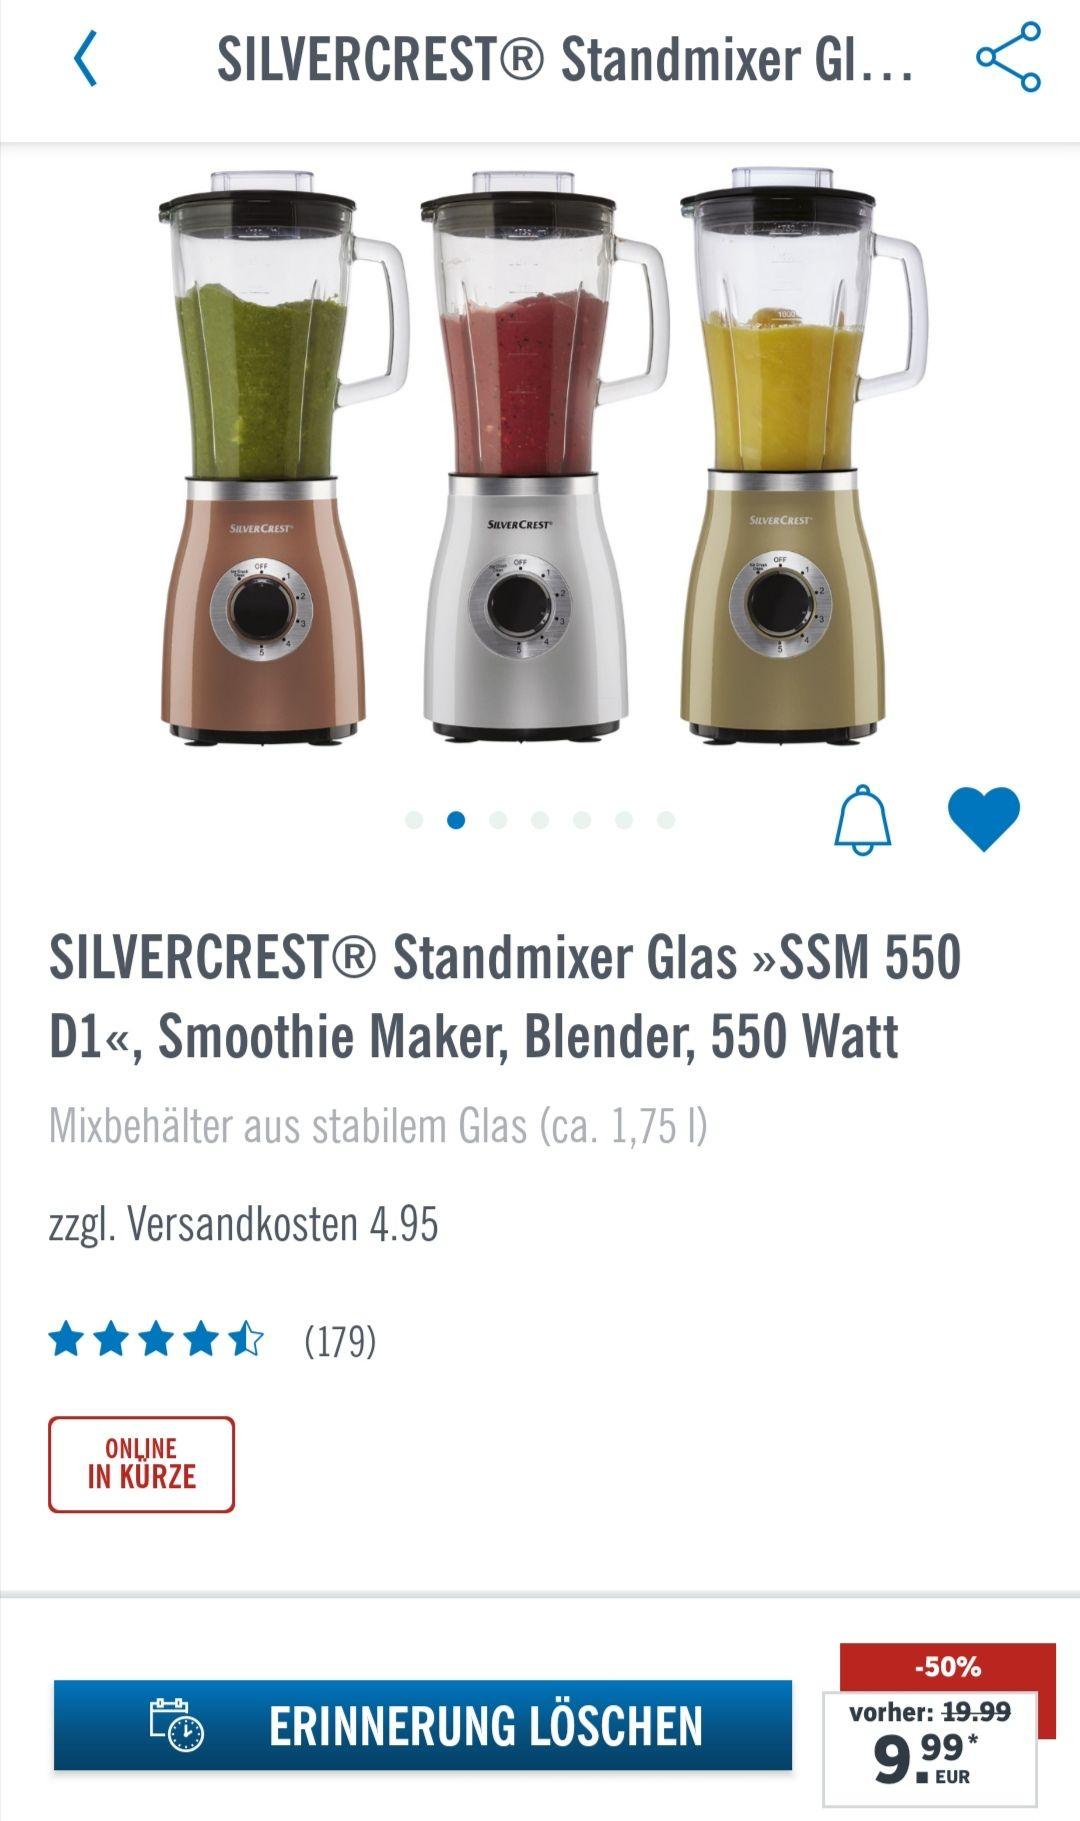 Standmixer der Marke SilverCrest